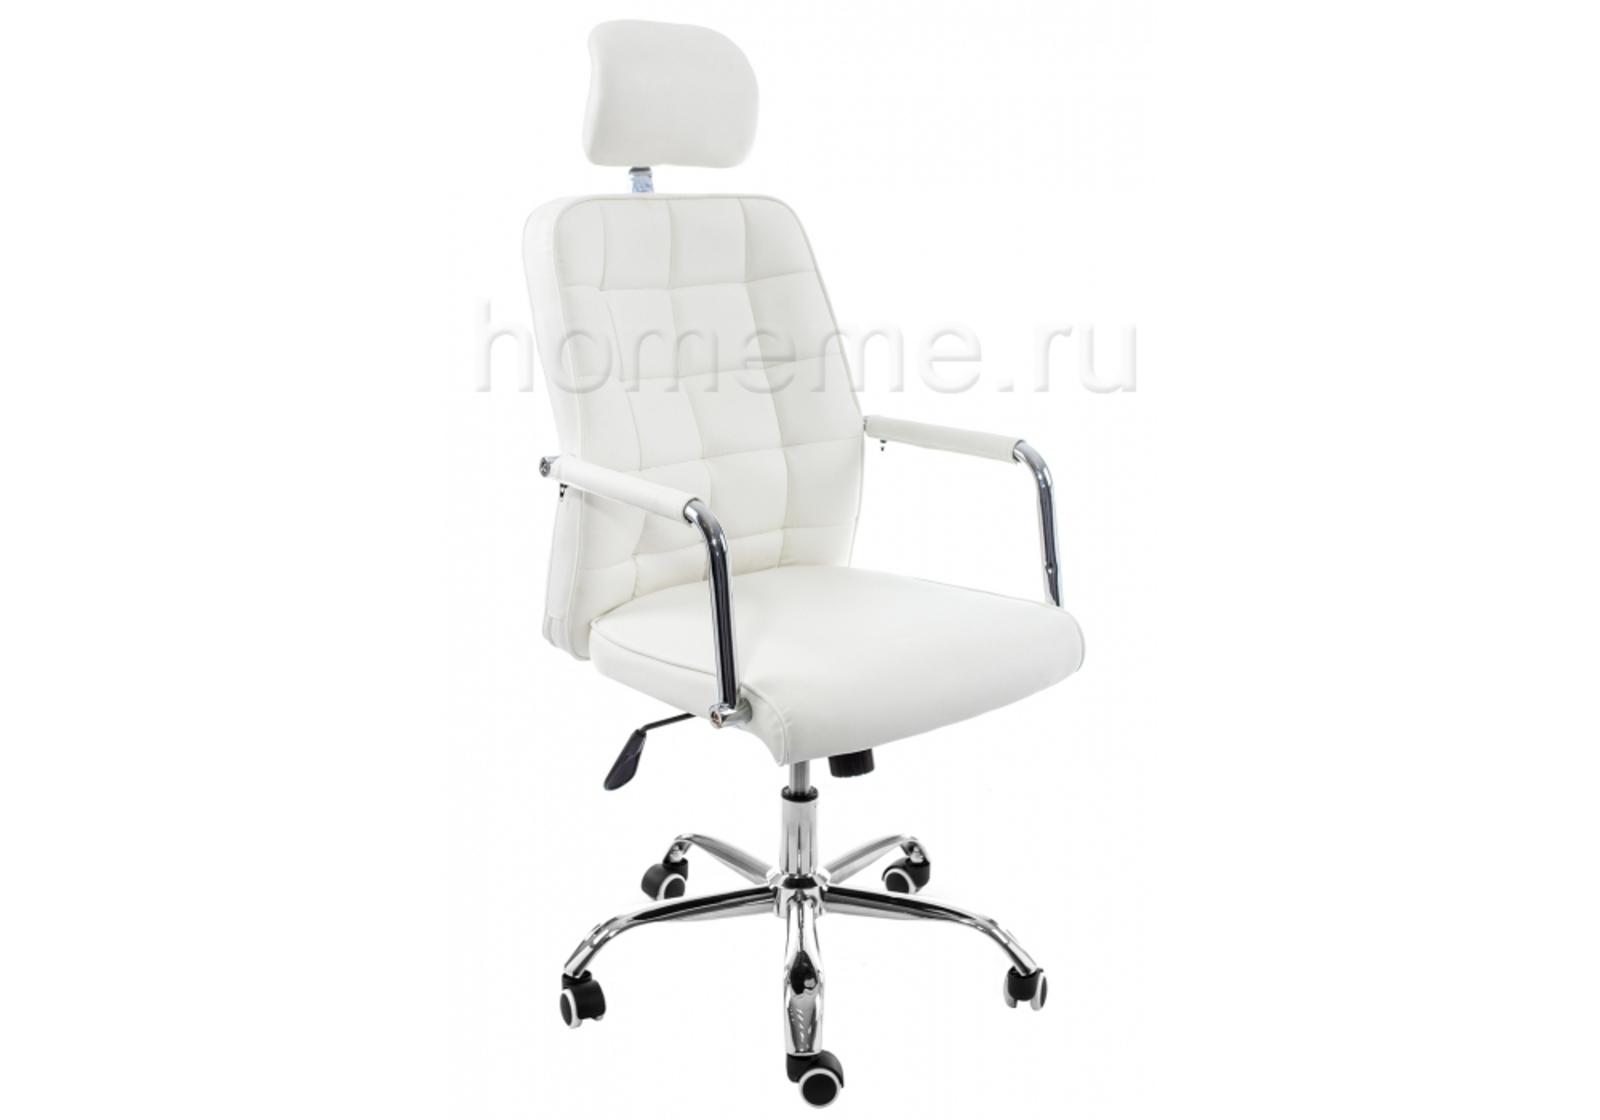 Кресло для офиса HomeMe Компьютерное кресло Atlas белое 11051 от Homeme.ru